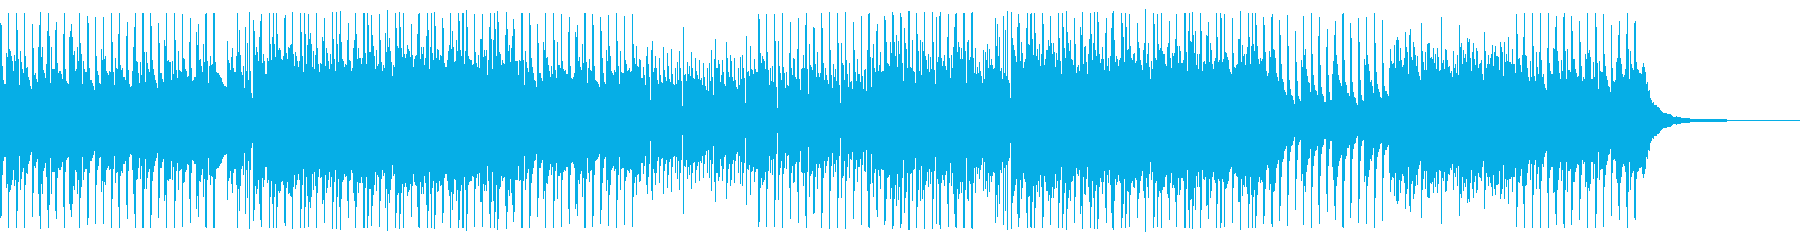 企業VP・CM 朝露 ピアノ バイオリンの再生済みの波形